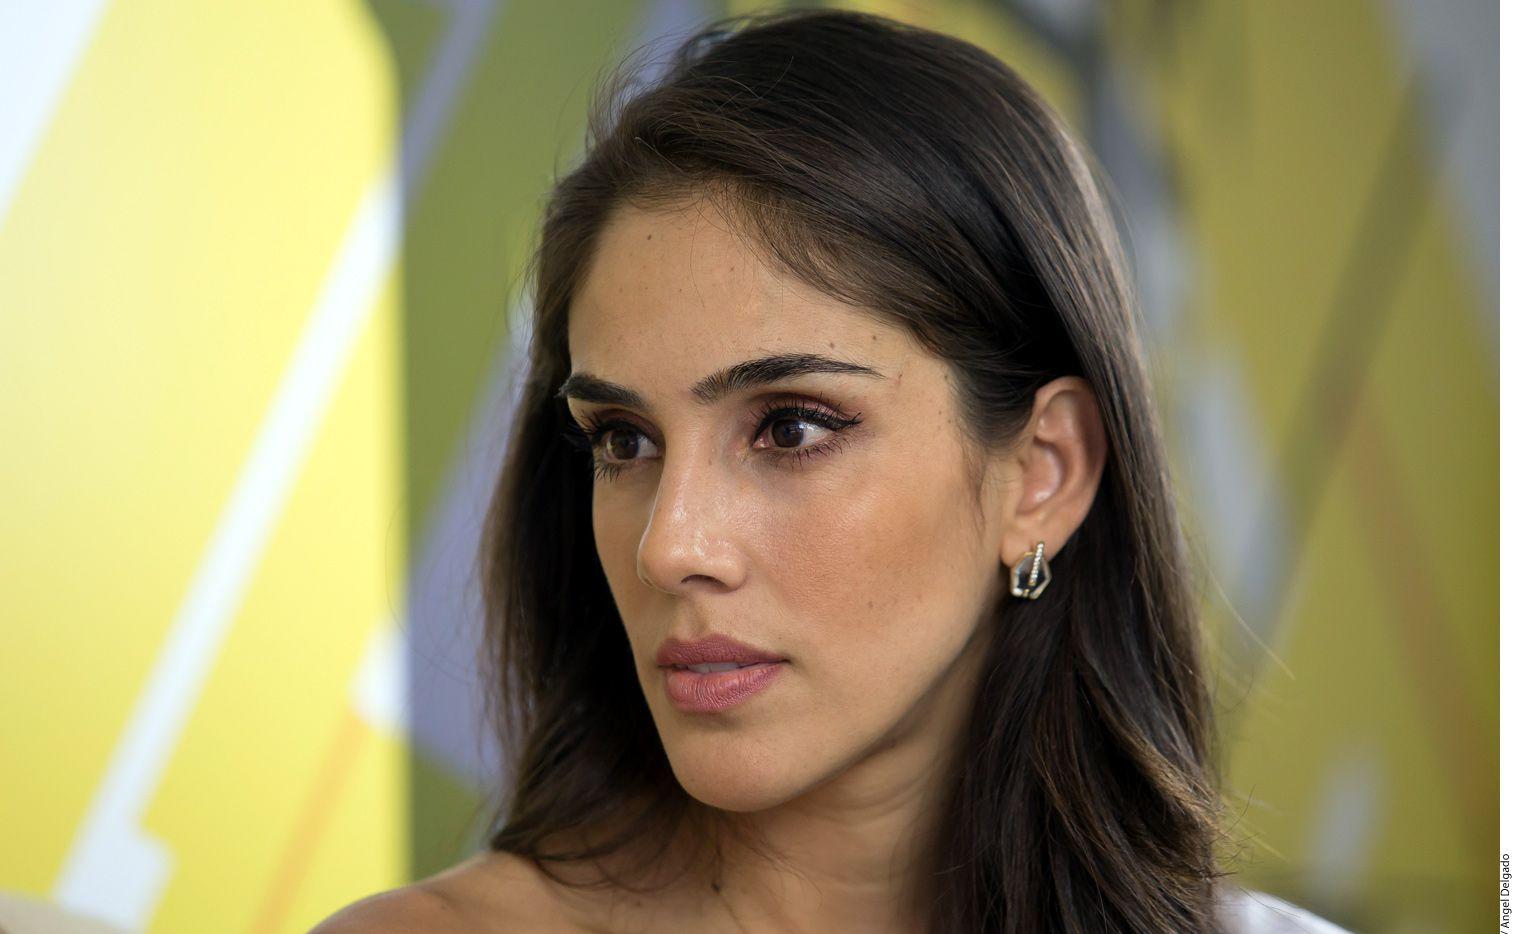 Sandra Echeverría (foto) ya tuvo conversaciones con la productora Carmen Armendáriz para encarnar a María Félix en una bioserie. (AGENCIA REFORMA)